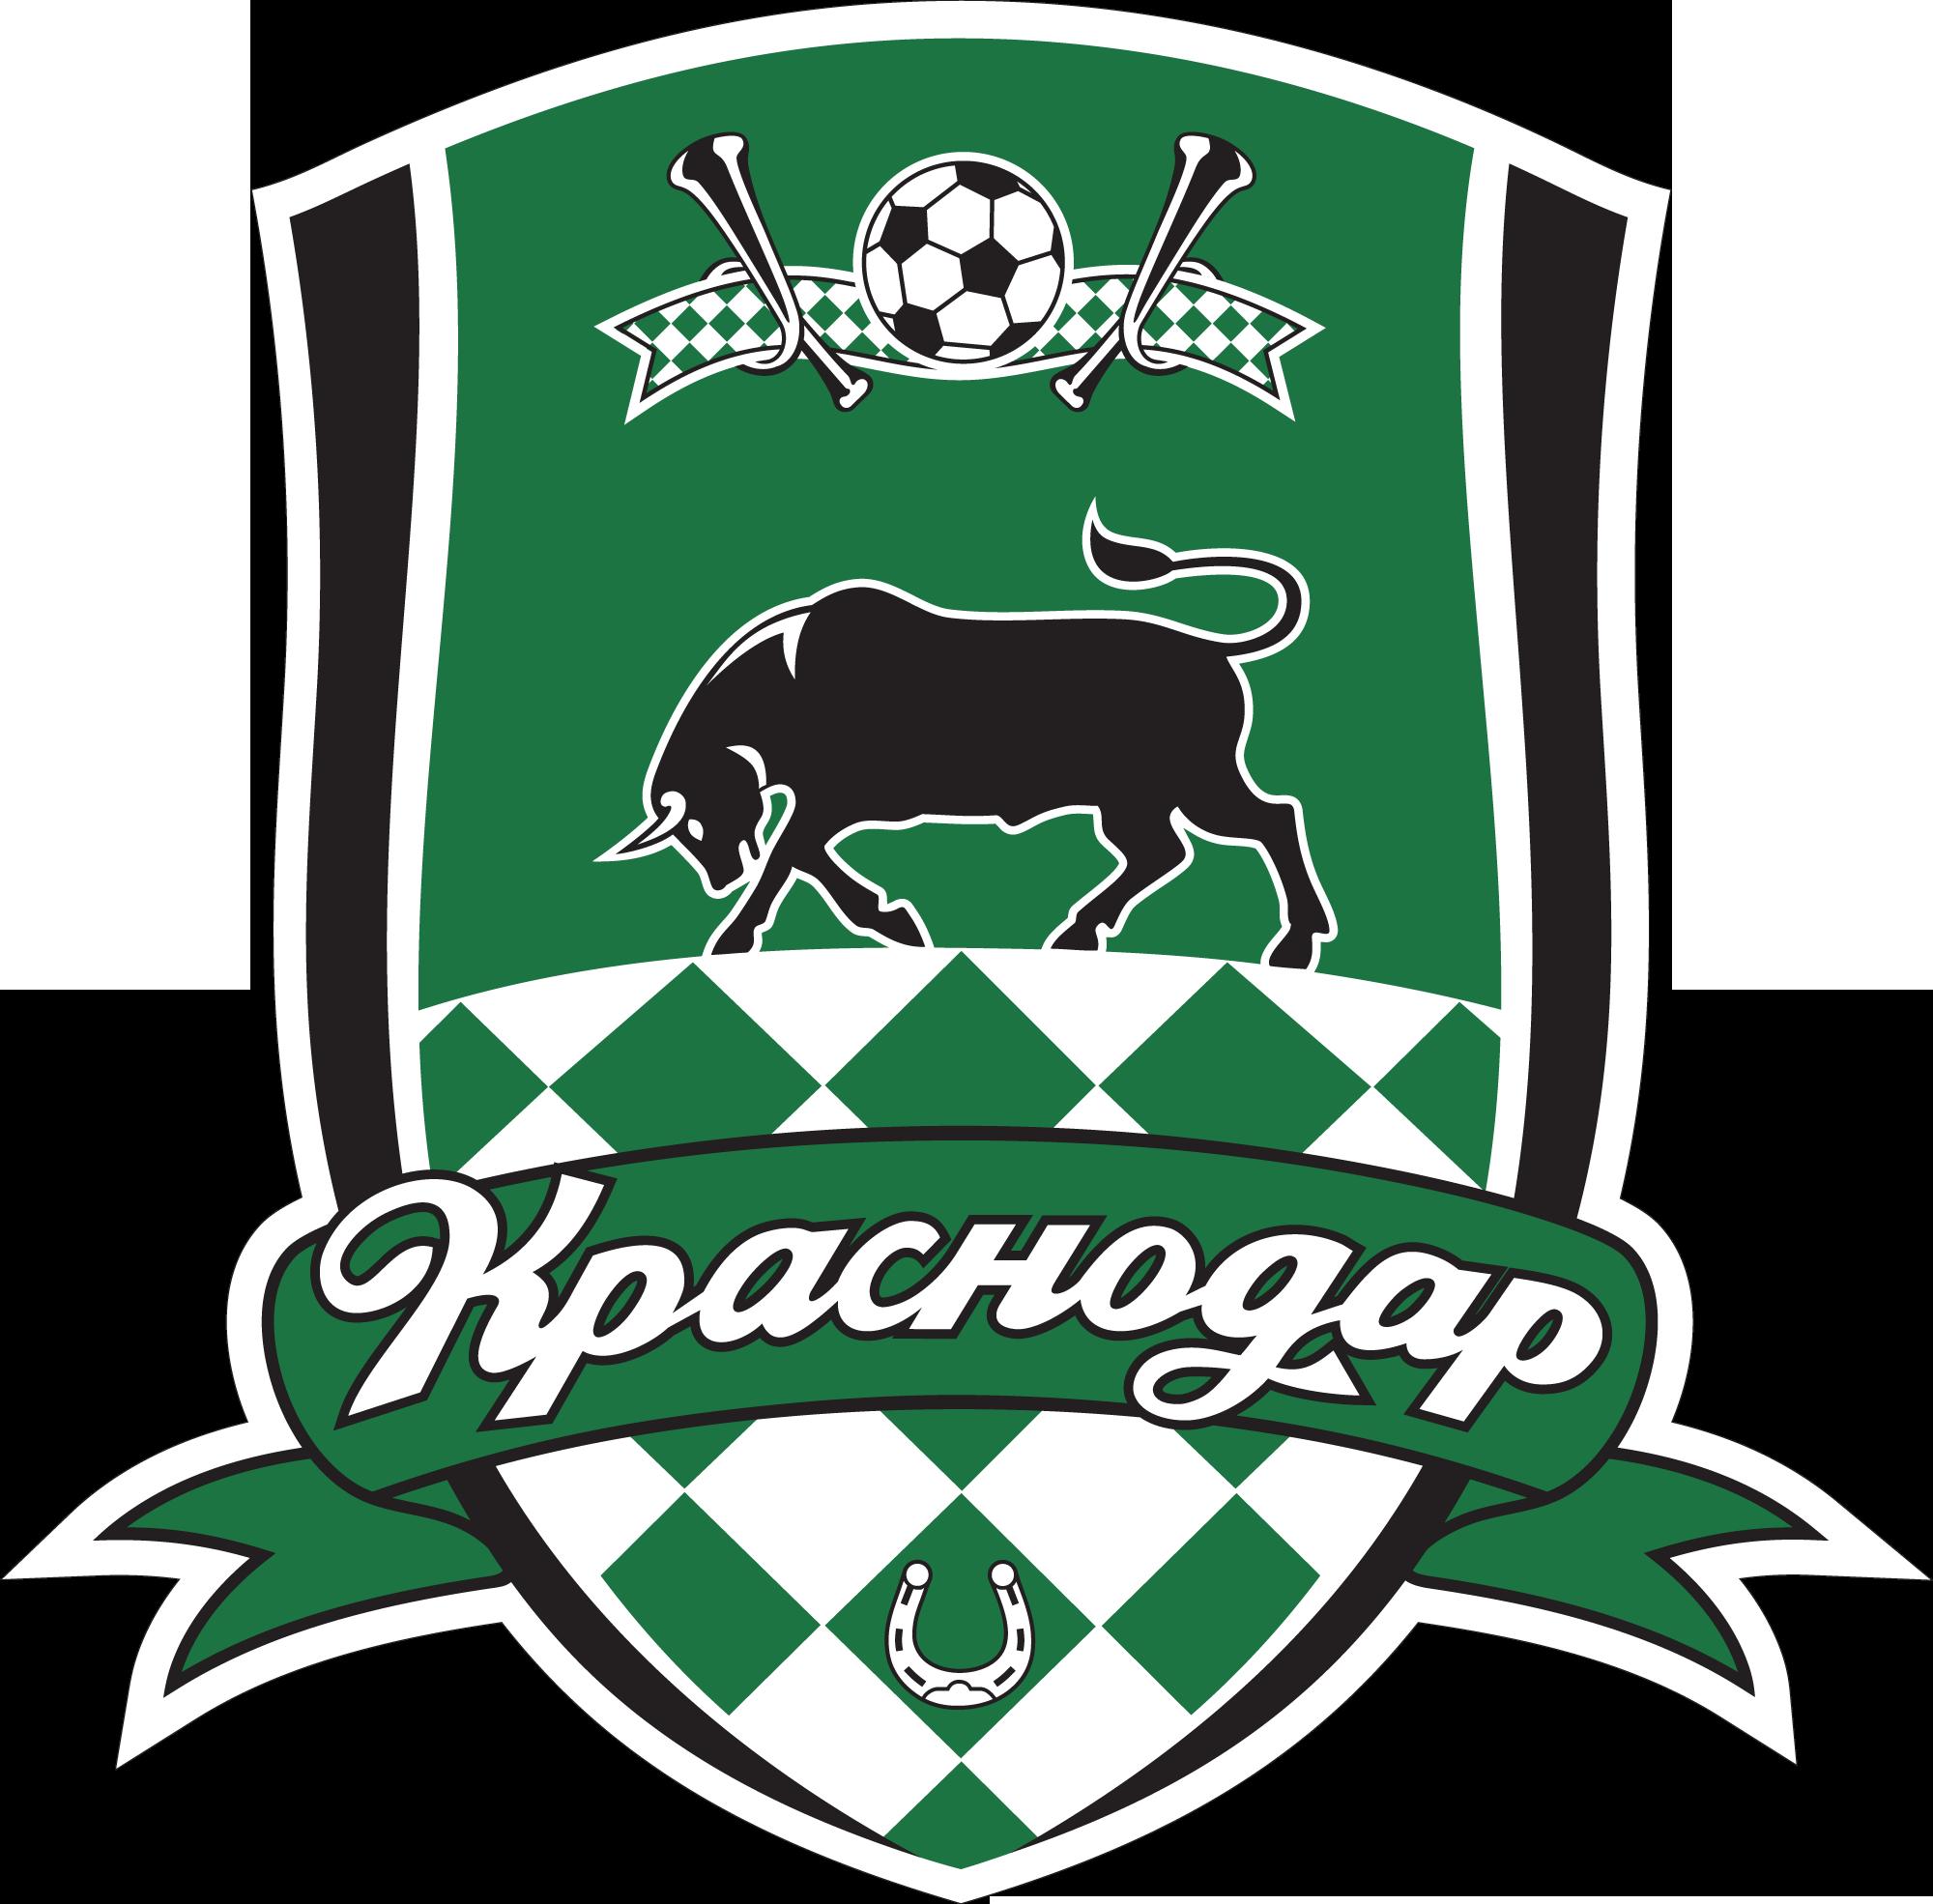 Krasnodar 2 Ska Habarovsk Midlsbro Futbol Sportivnye Logotipy